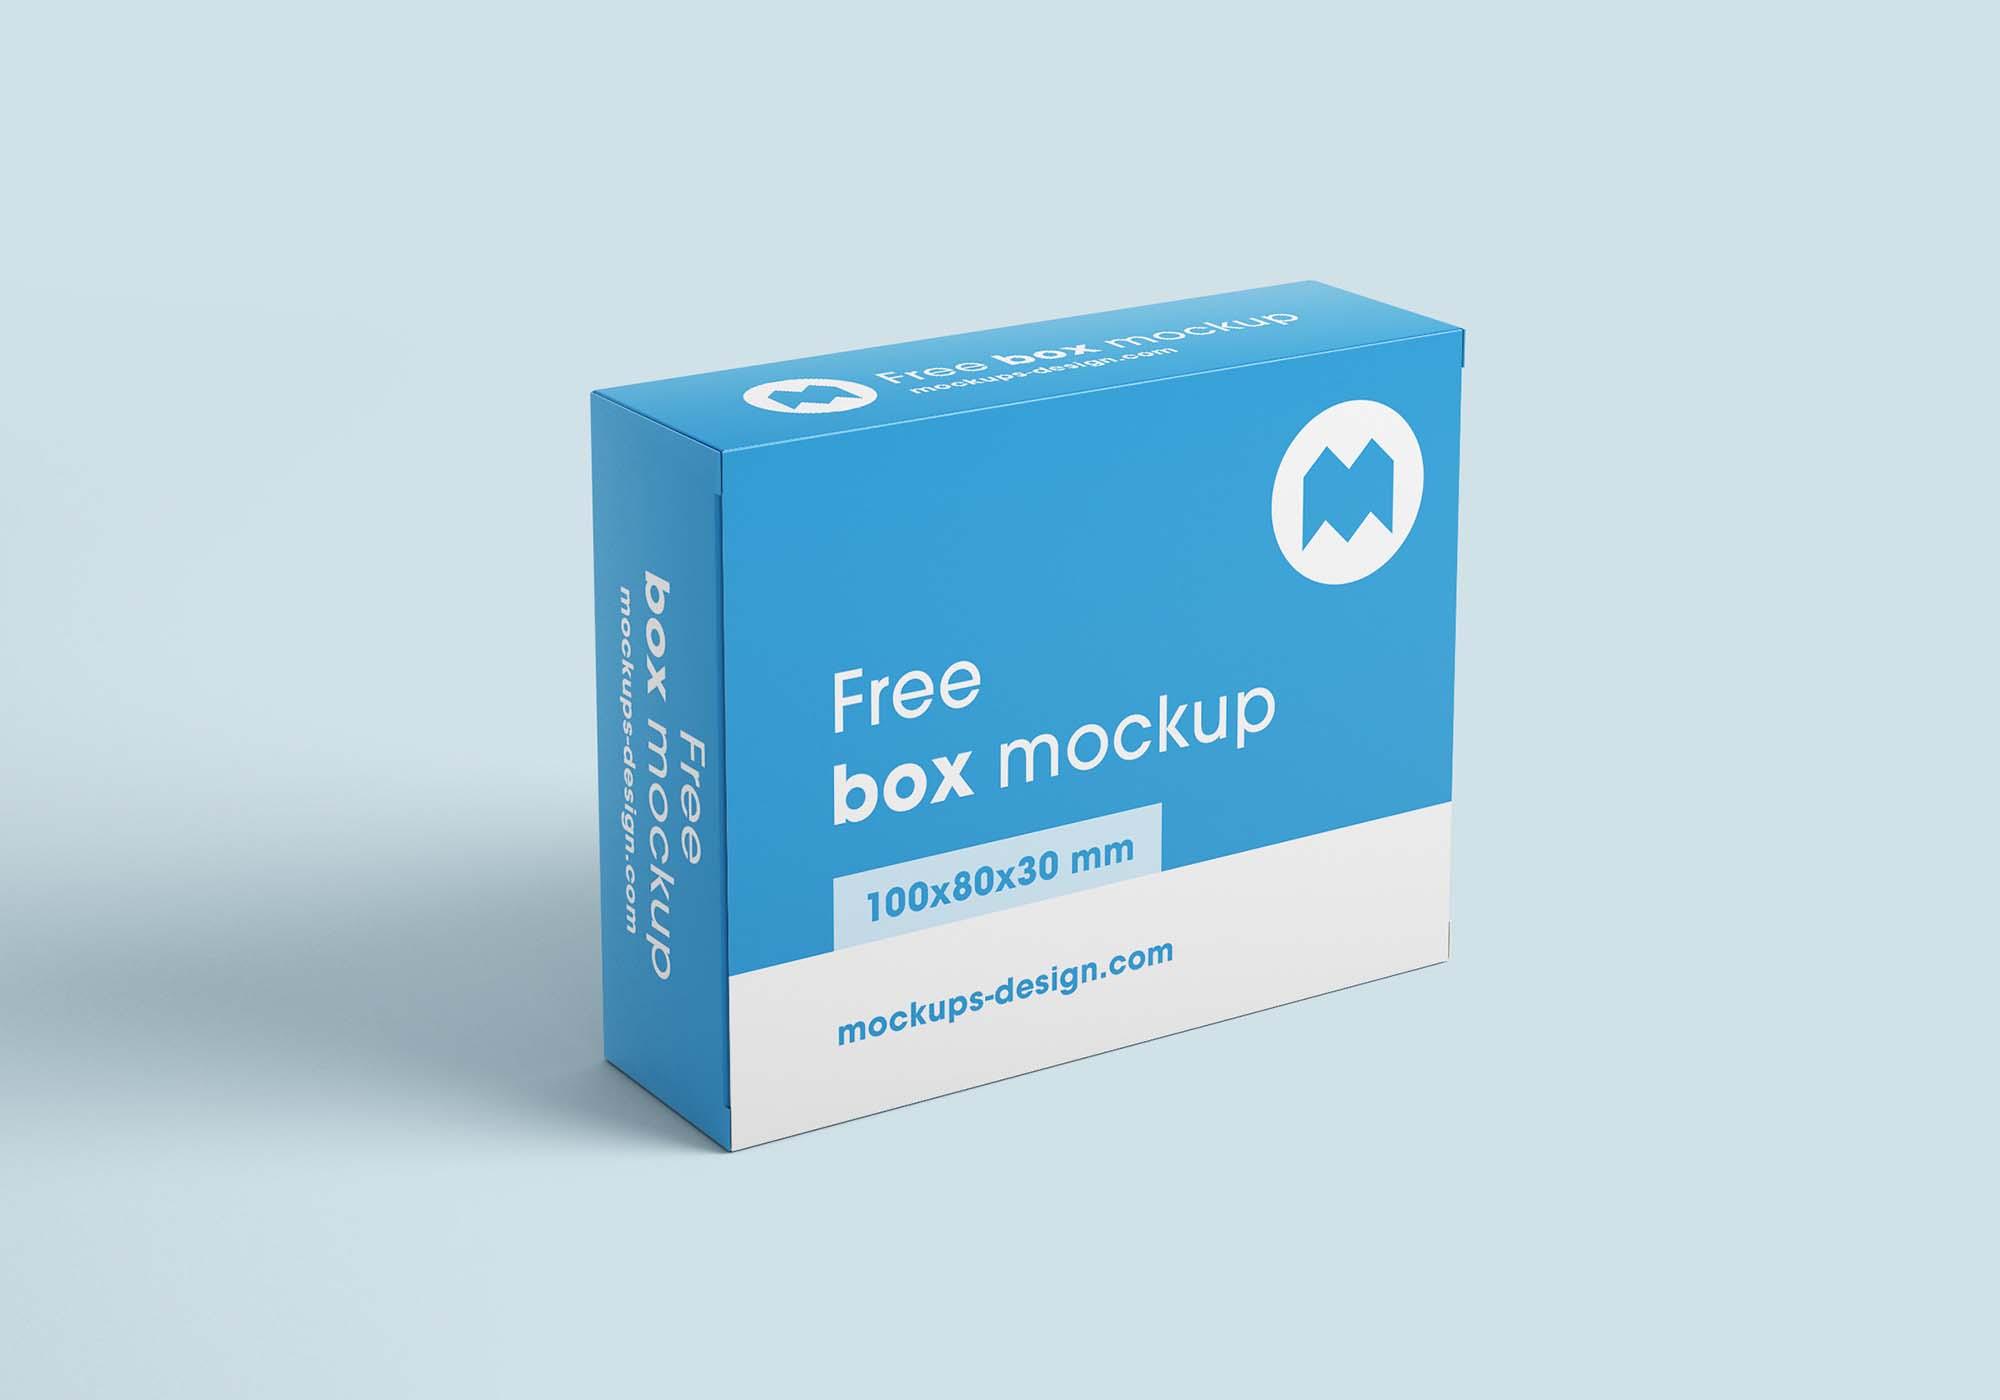 Box Mockup 2 (100x80x30)